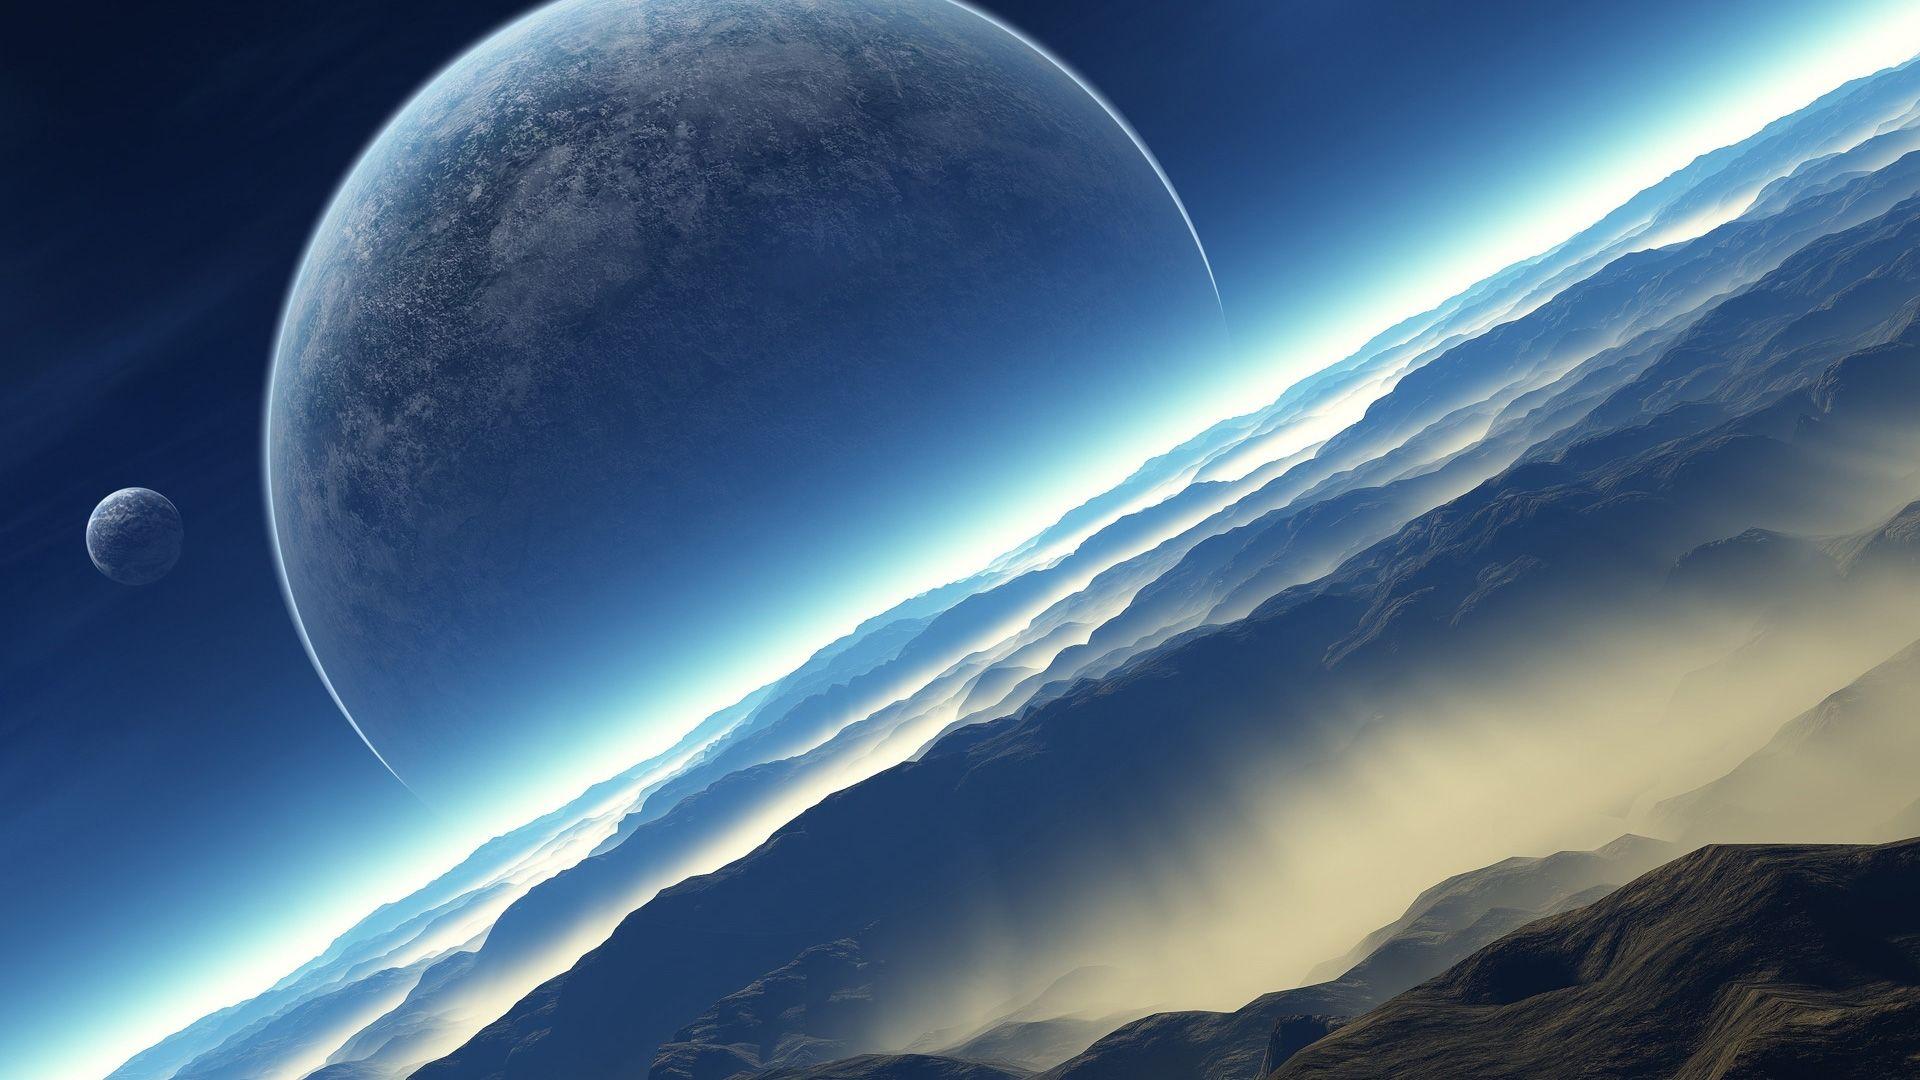 Space Hd Wallpapers 1080p En 2019 Espacios Artísticos